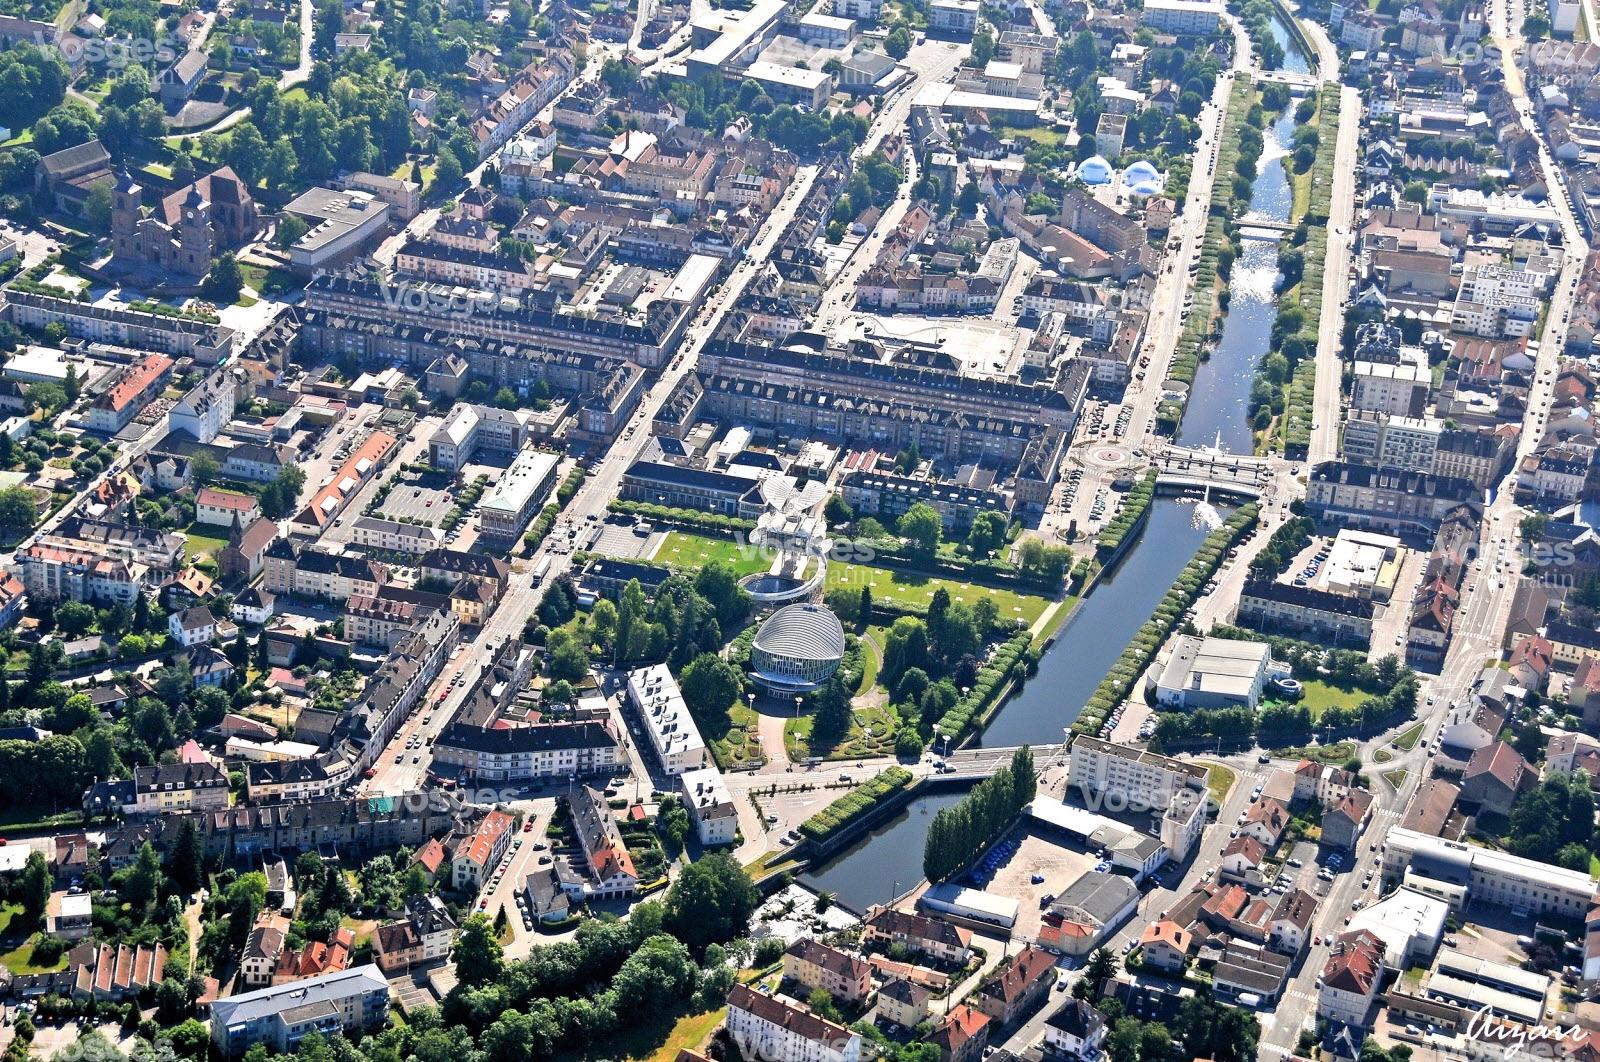 la-ville-demande-le-renouvellement-de-son-label-station-touristique-classee-afin-d-acceder-a-la-premiere-categorie-dr-1528787598.jpg